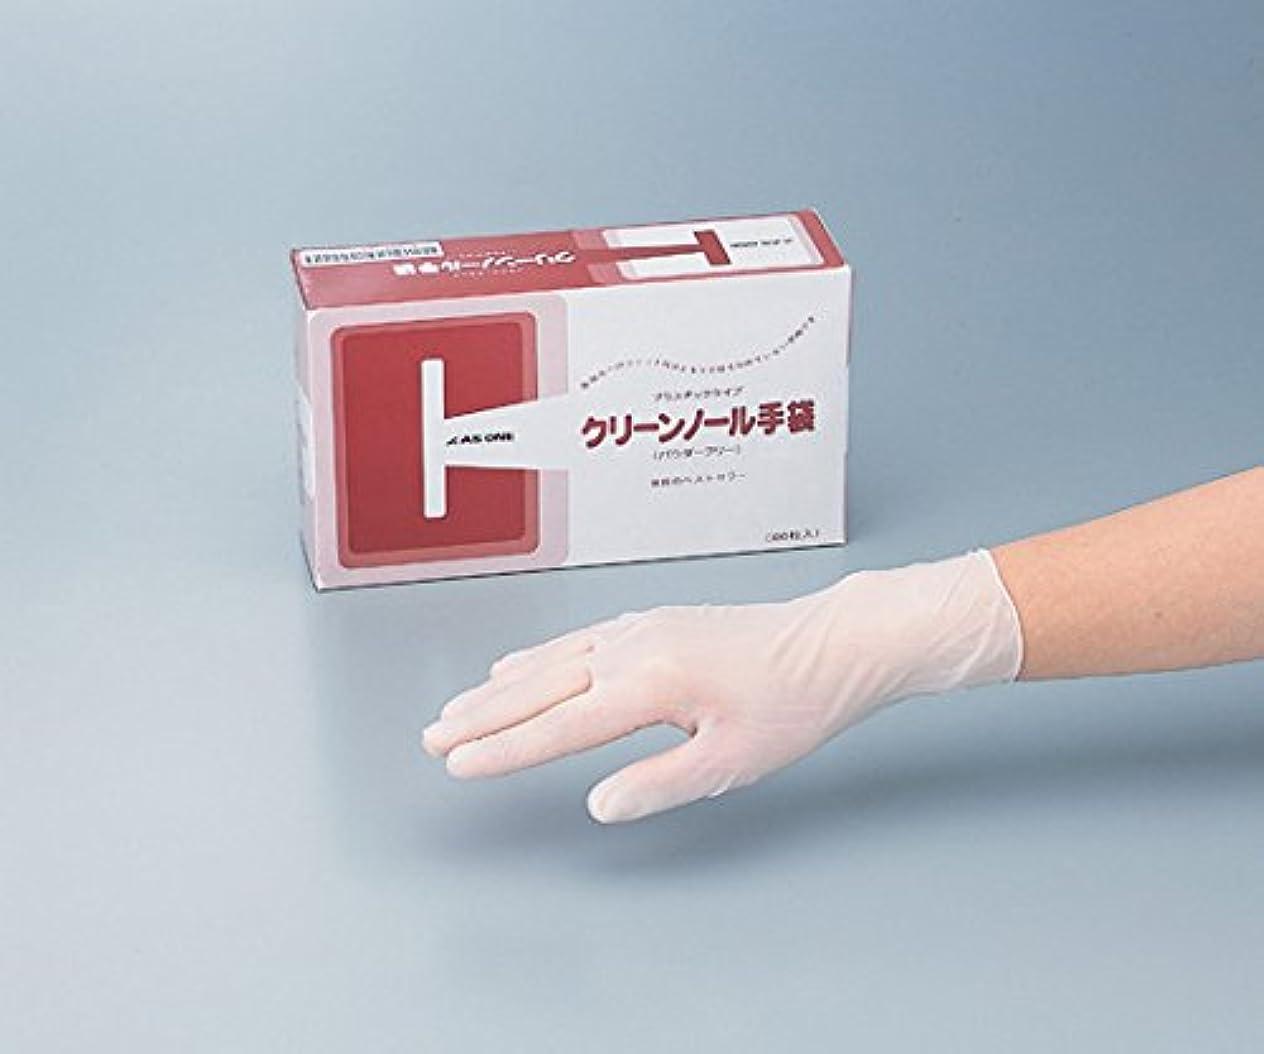 ファンネルウェブスパイダー踊り子おなかがすいたアズワン6-905-11クリーンノール手袋PVCパウダーフリーL100枚×10箱